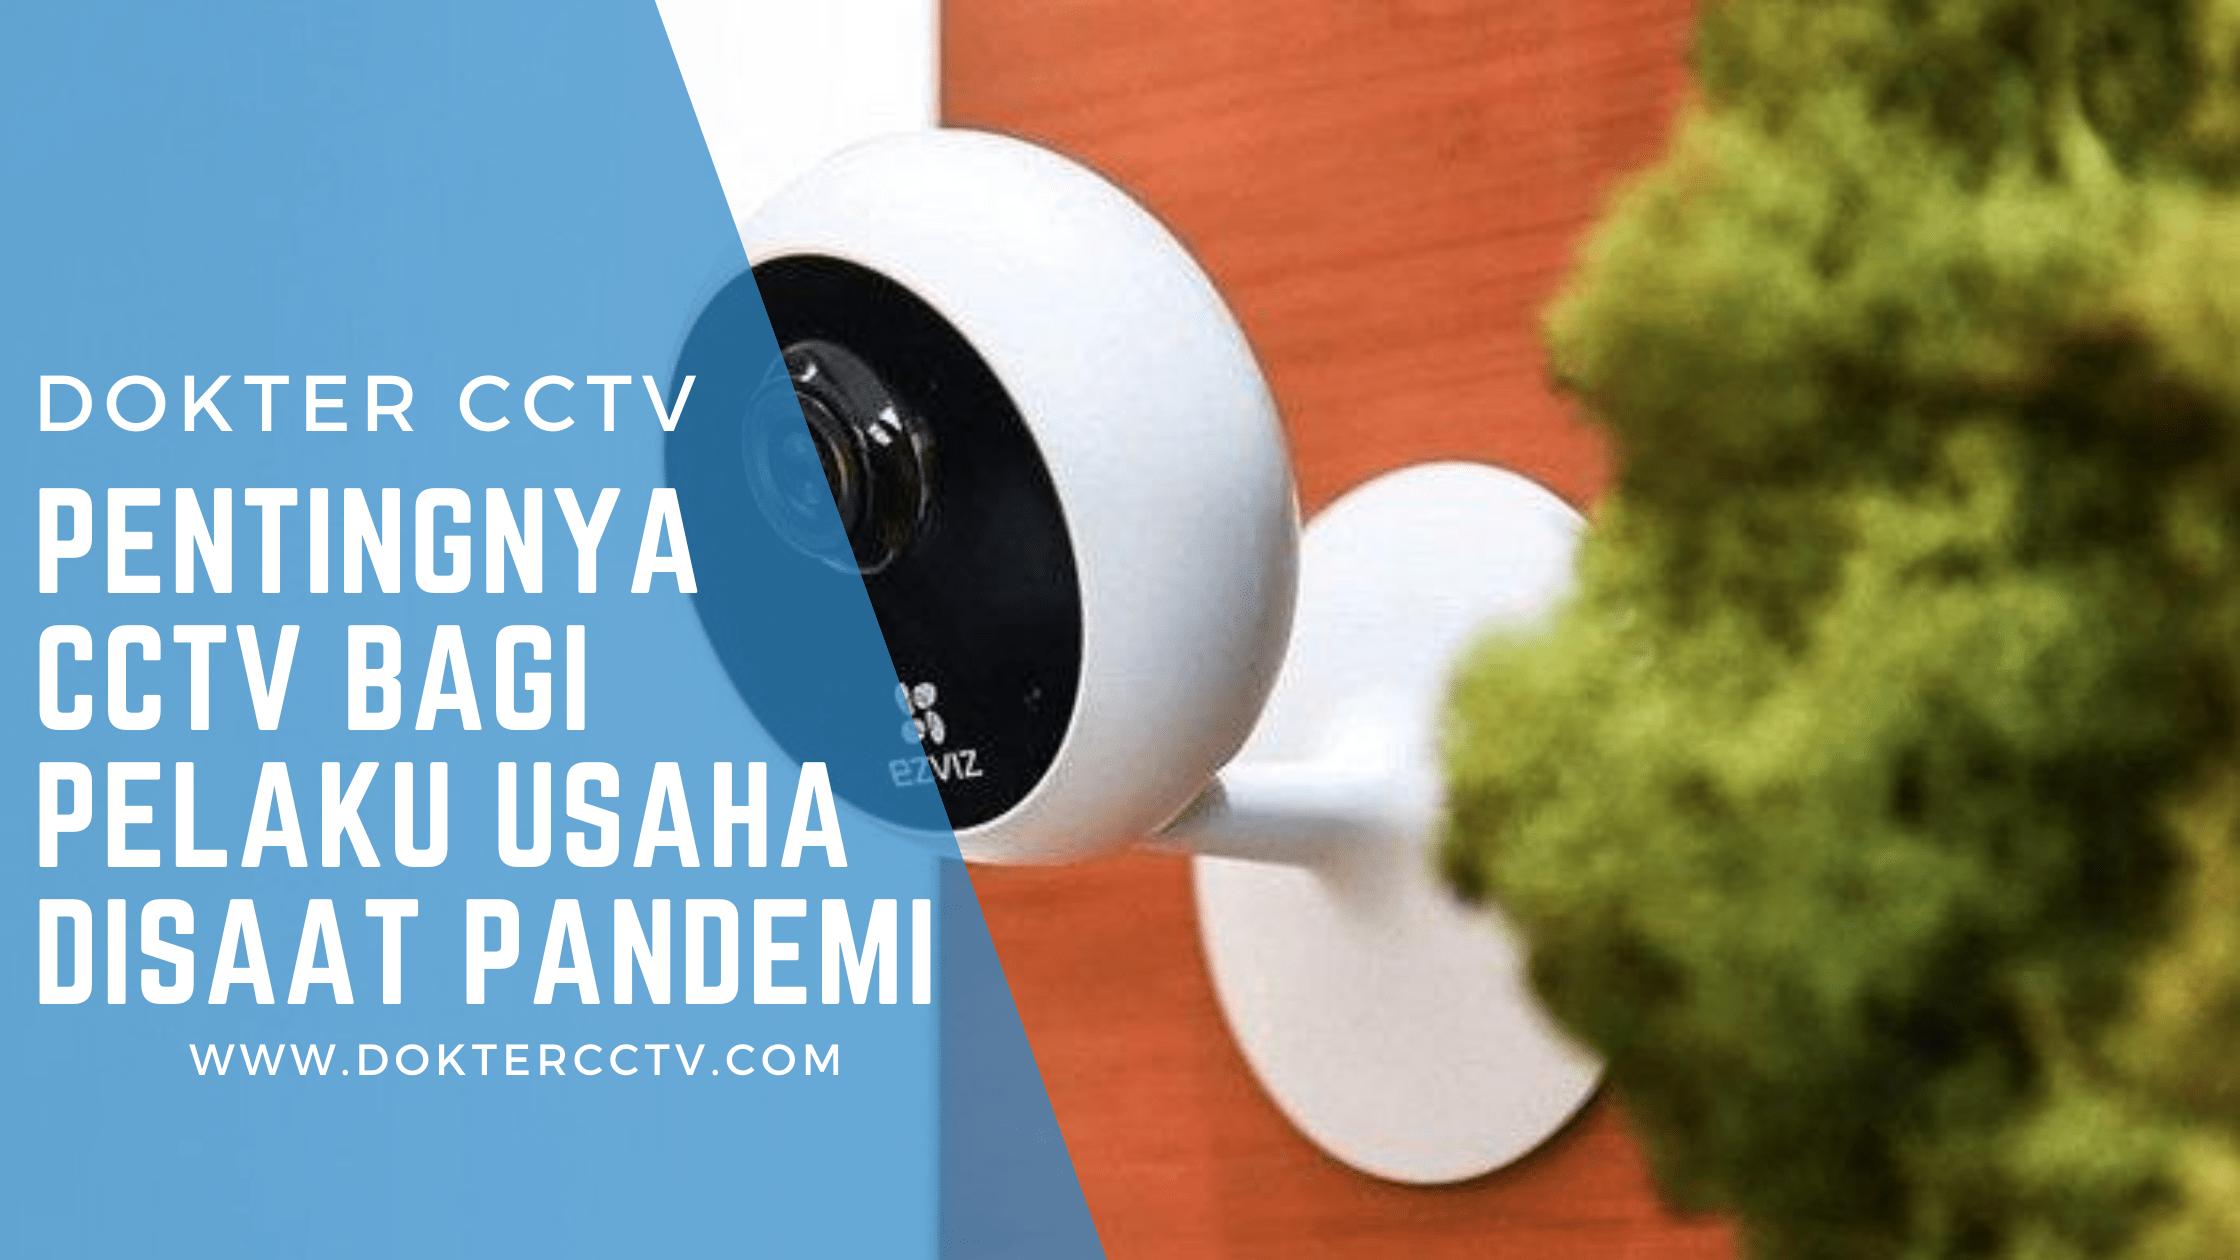 Pentingnya CCTV Bagi Pelaku Usaha disaat Pandemi